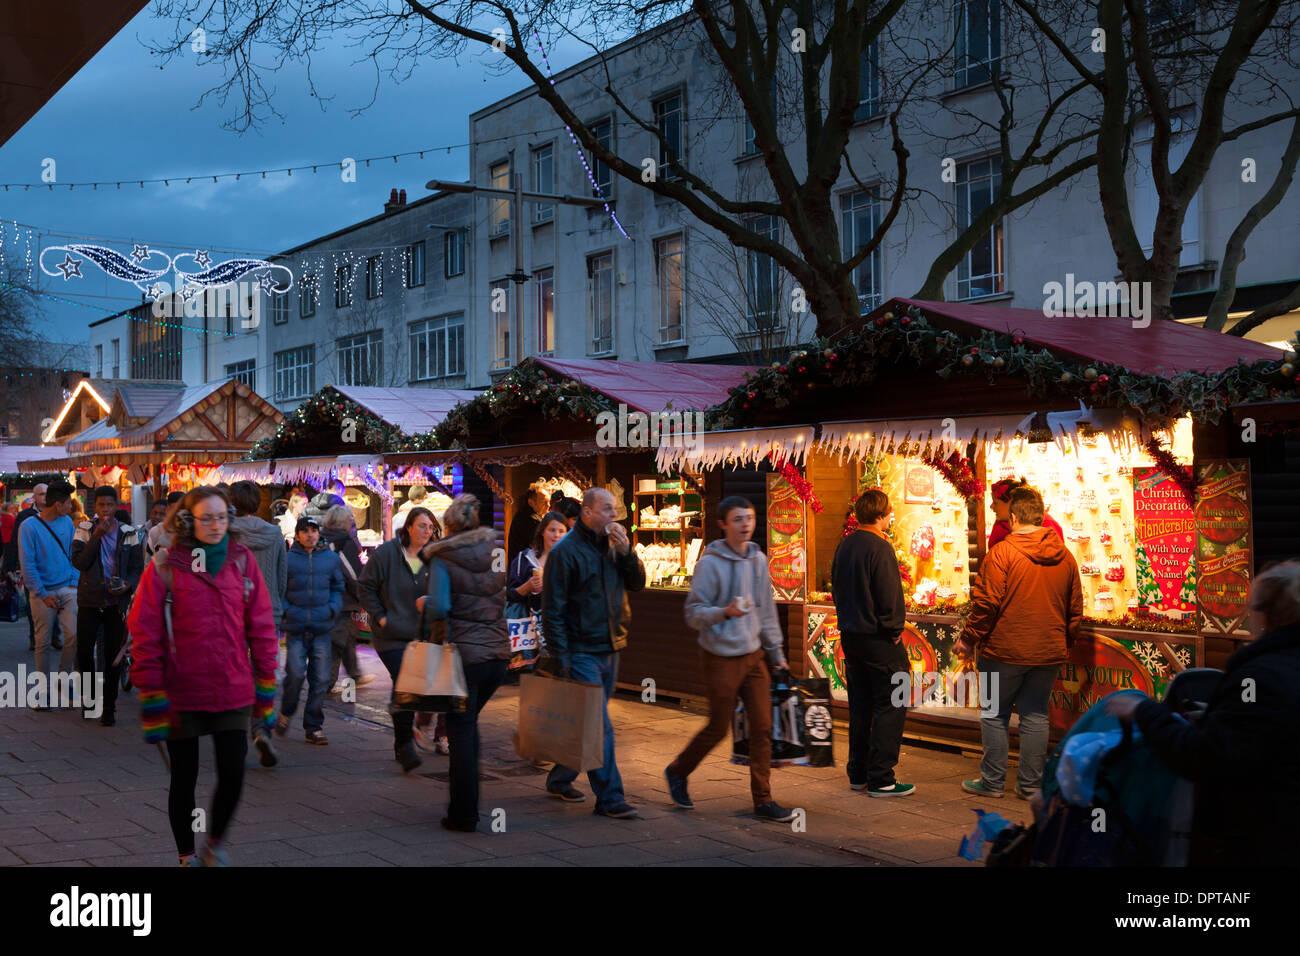 Noël tradition consommateurs dans la rue du marché. Photo Stock